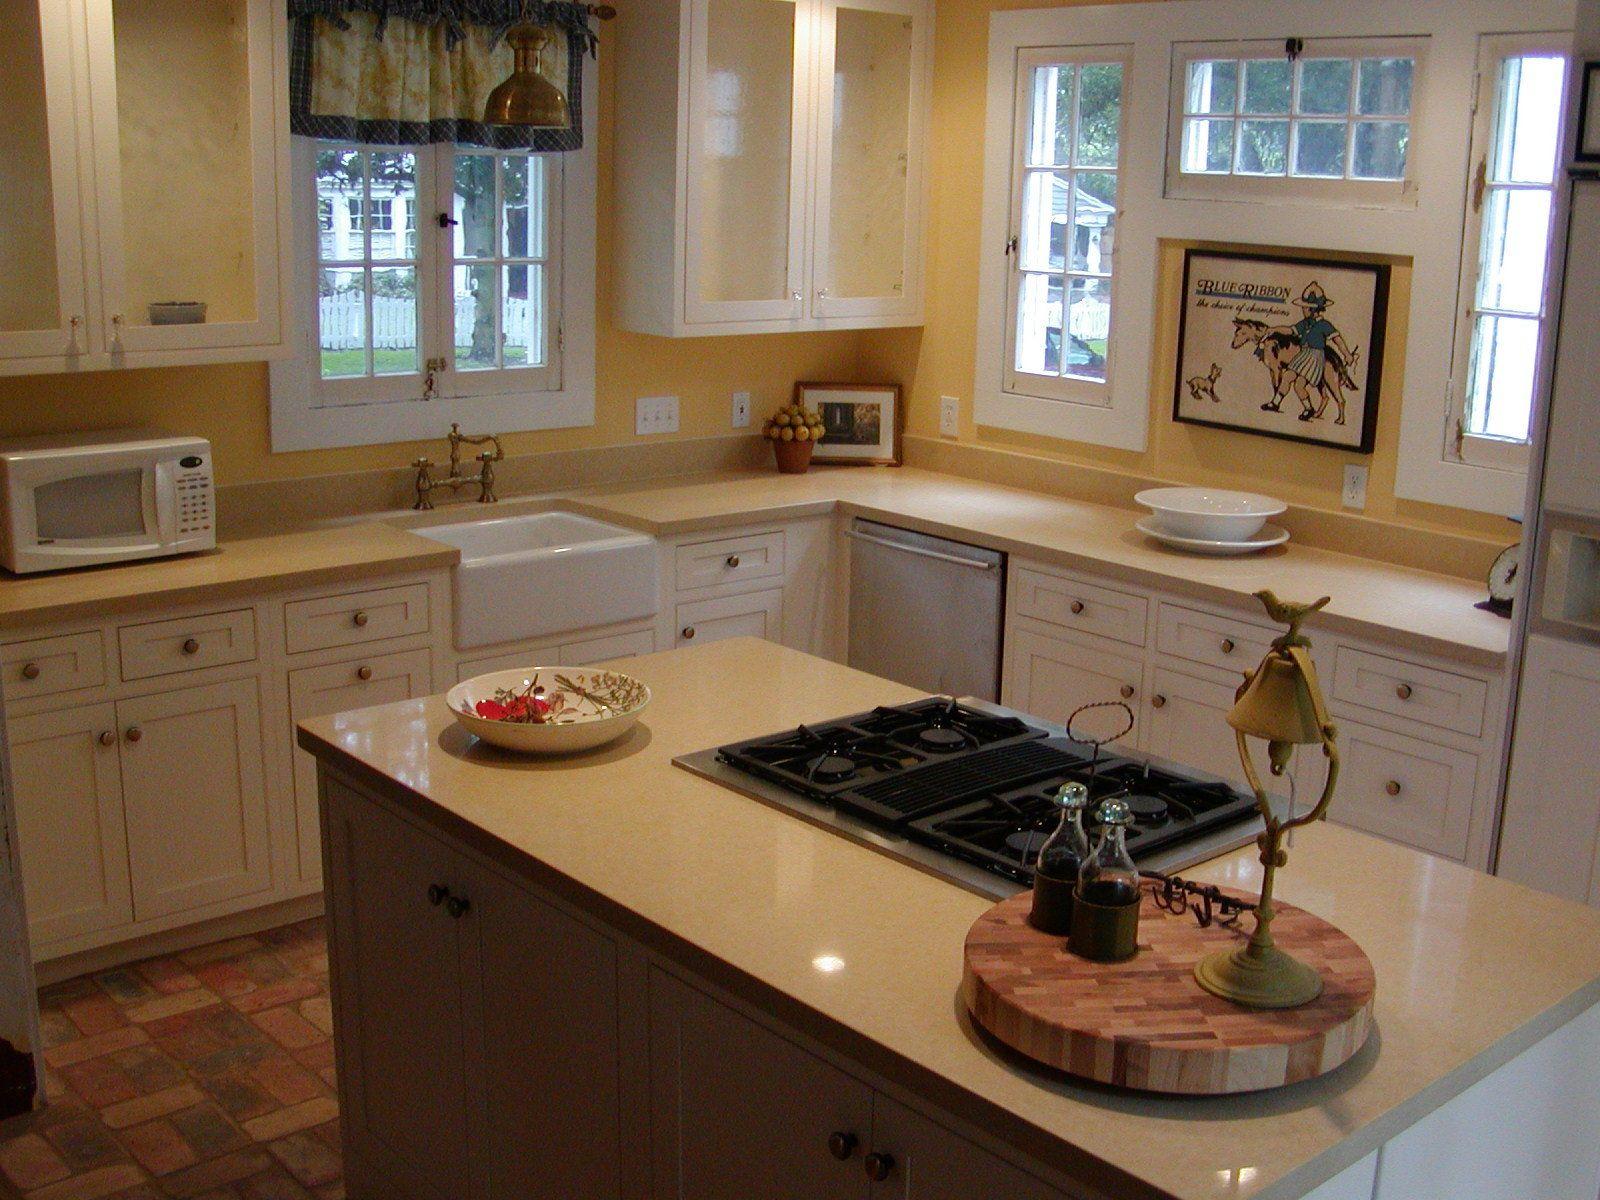 china white calacatta nuvo quartz for kitchen countertops